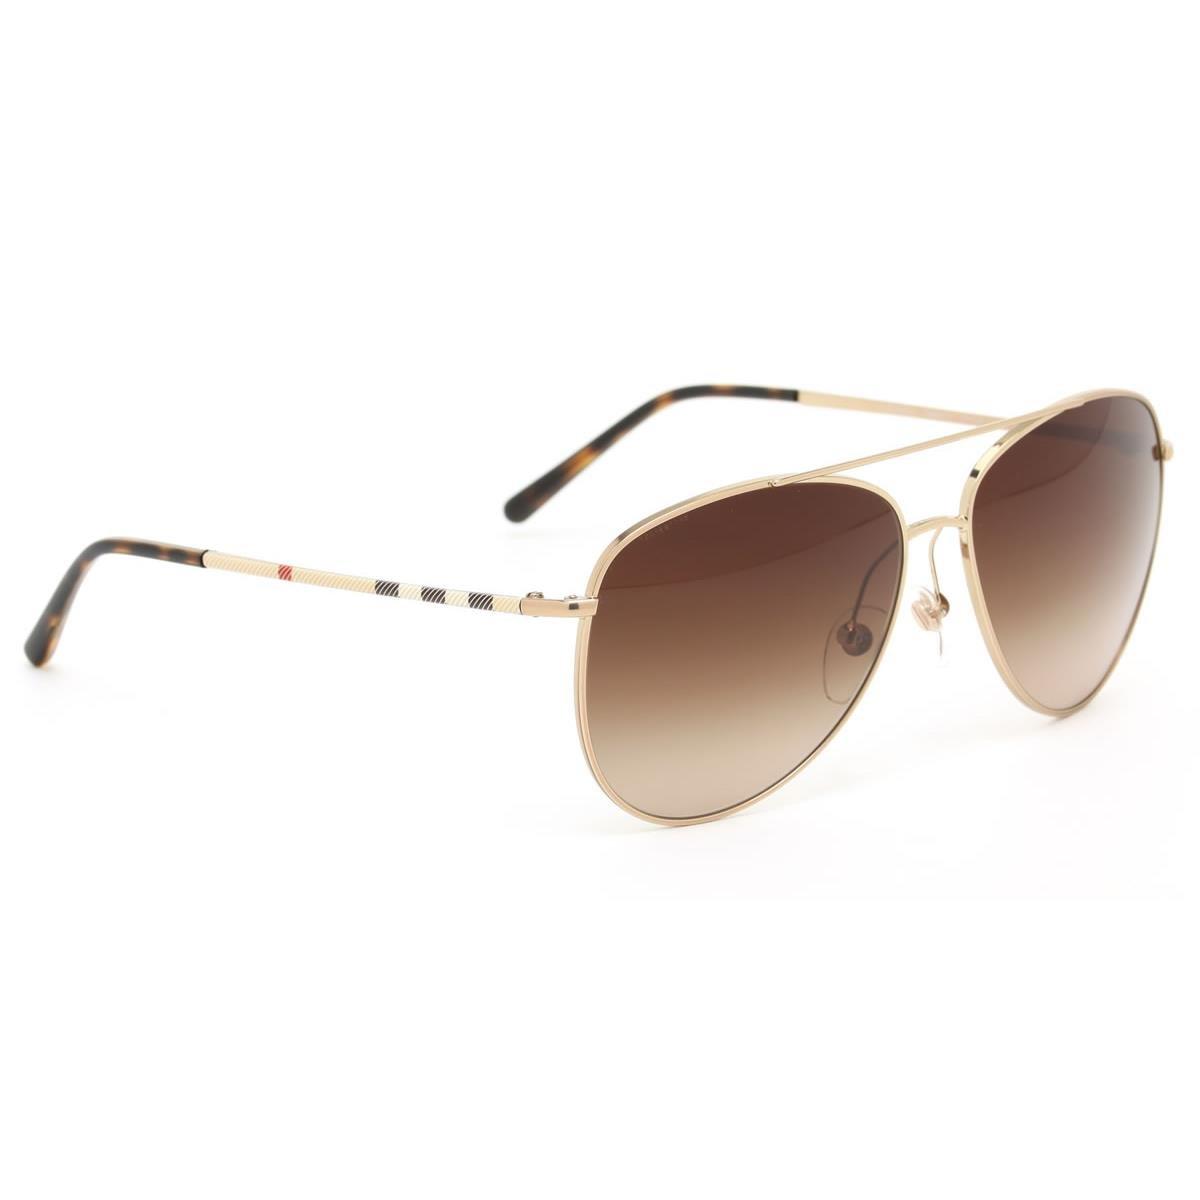 c694d46d3e Burberry 0Be3072 118913 57 Gafas de Sol, Dorado (Gold/Brown), Mujer:  Amazon.es: Ropa y accesorios